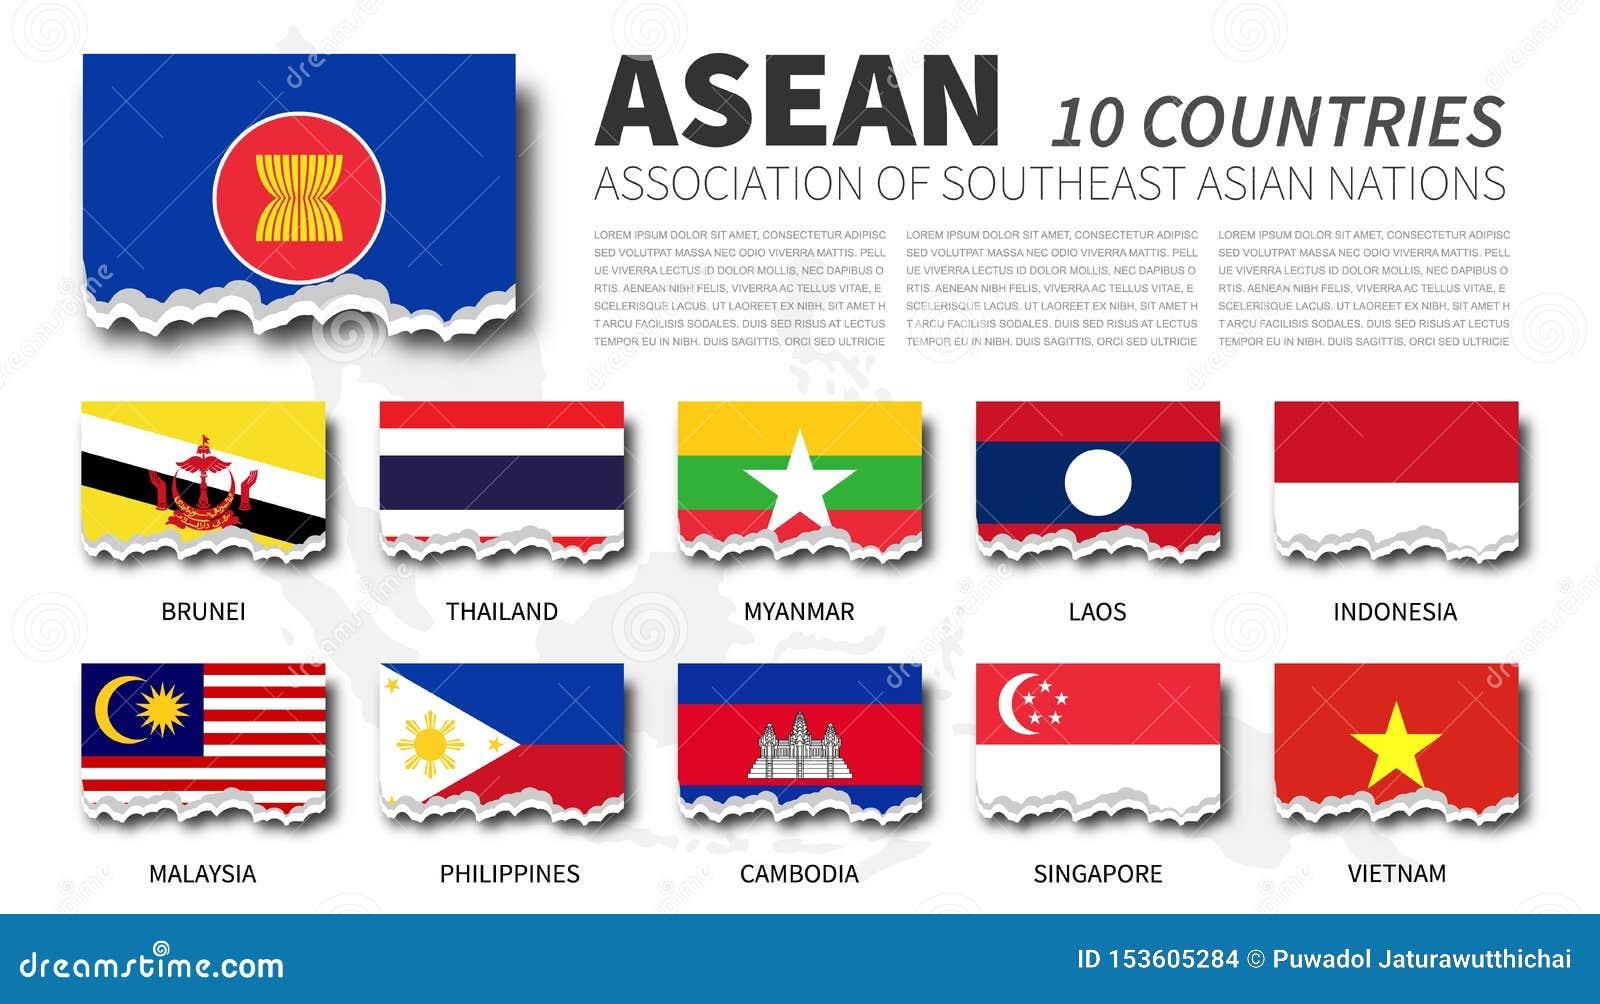 https://thumbs.dreamstime.com/z/association-de-drapeau-d-asean-des-nations-et-l-adh%C3%A9sion-asiatiques-du-sud-est-sur-le-fond-carte-asie-conception-papier-chir-e-153605284.jpg